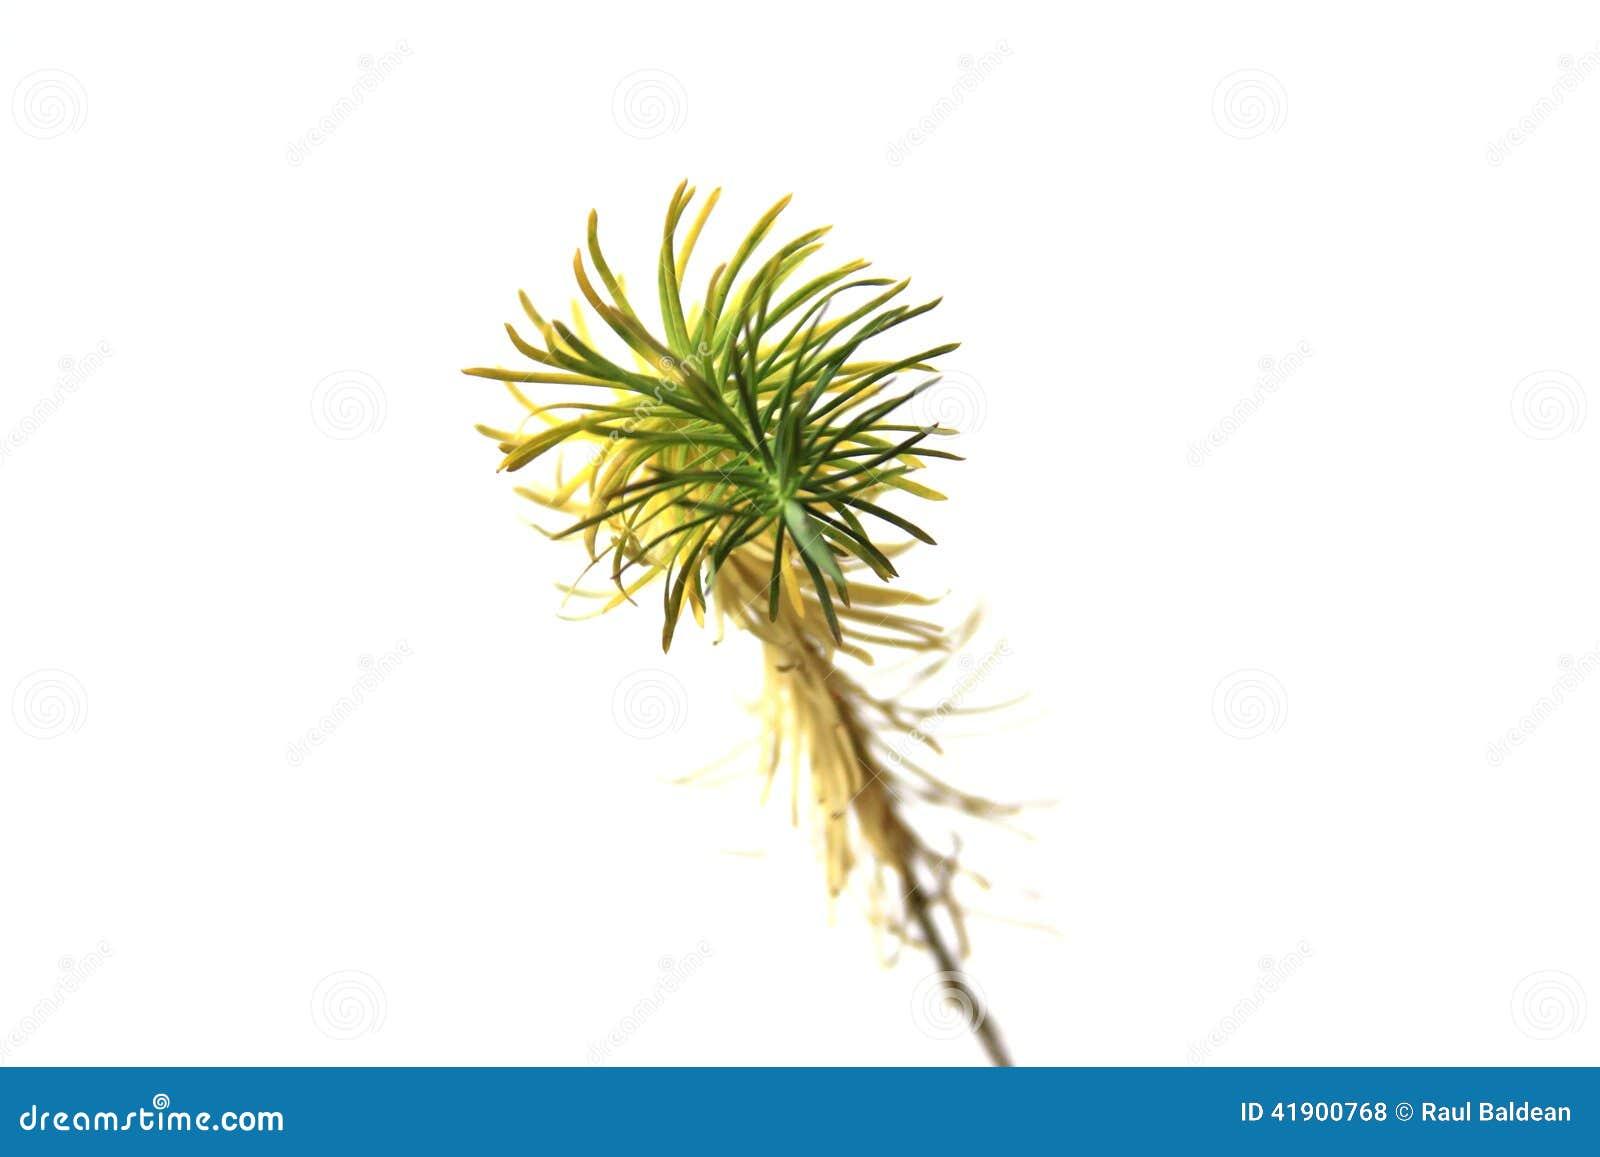 Detalle de una pequeña planta